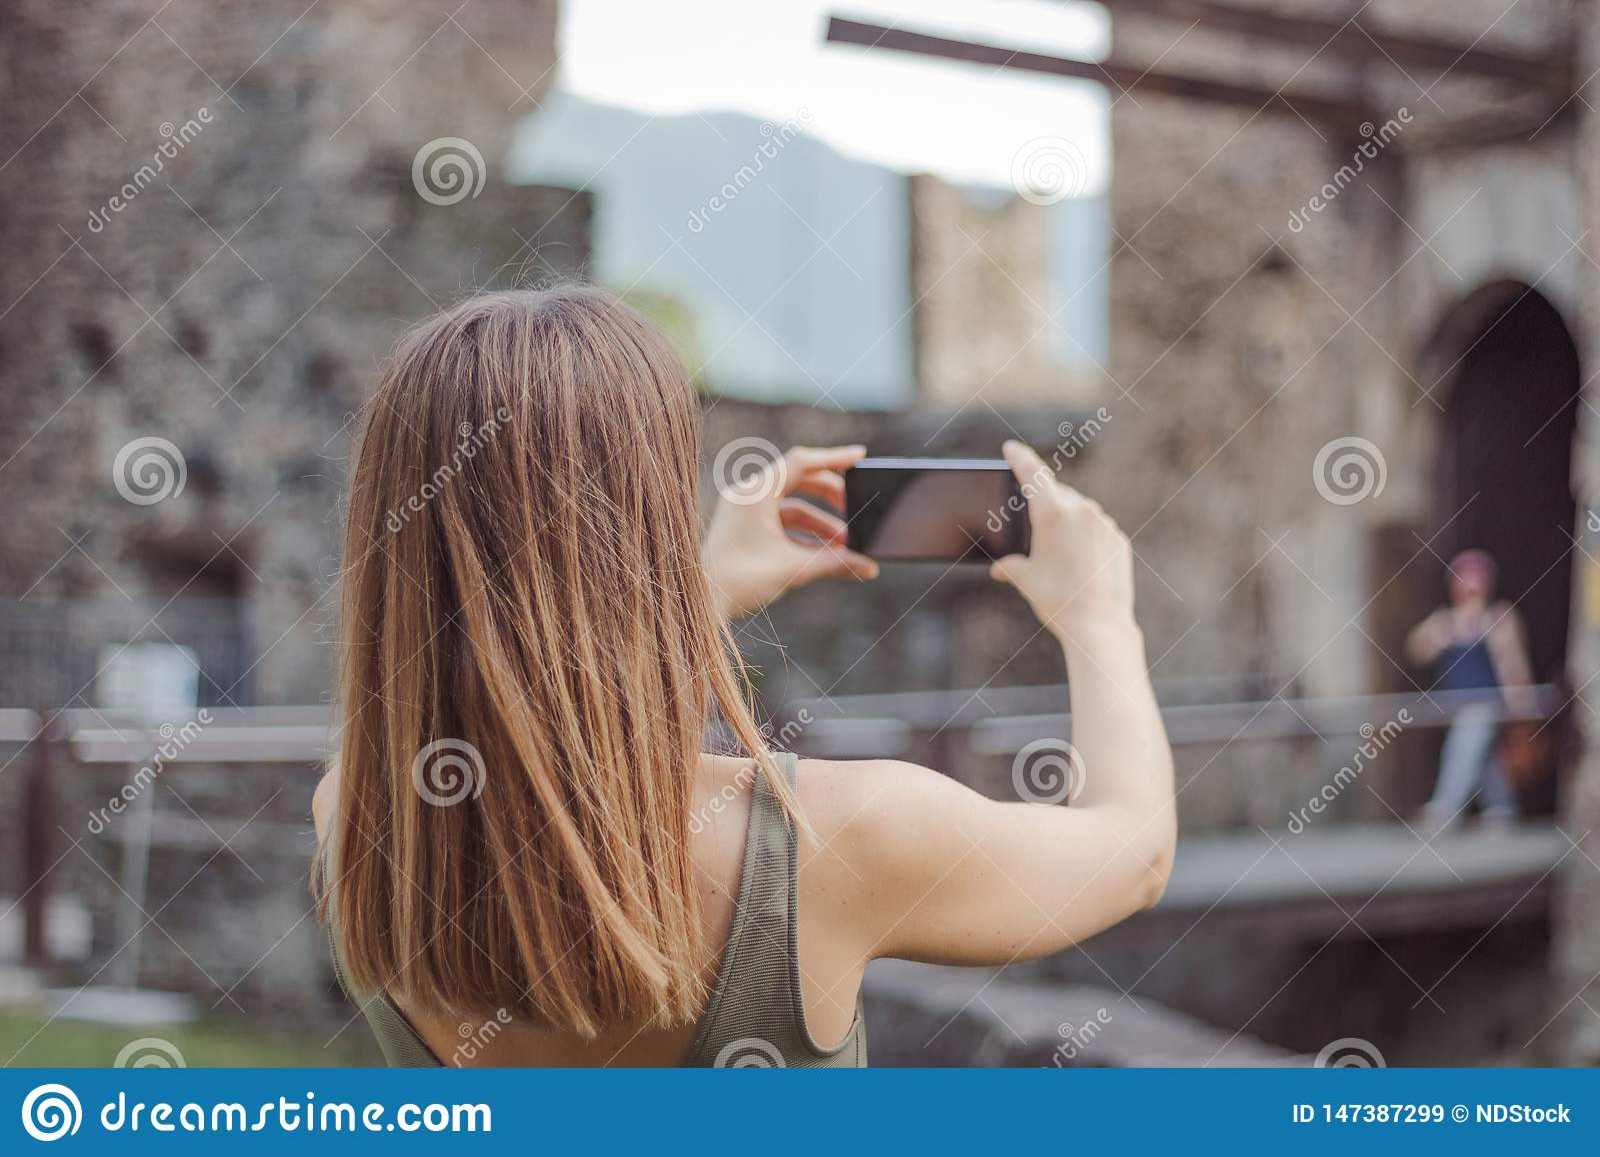 La mujer joven está tomando una imagen de un castillo